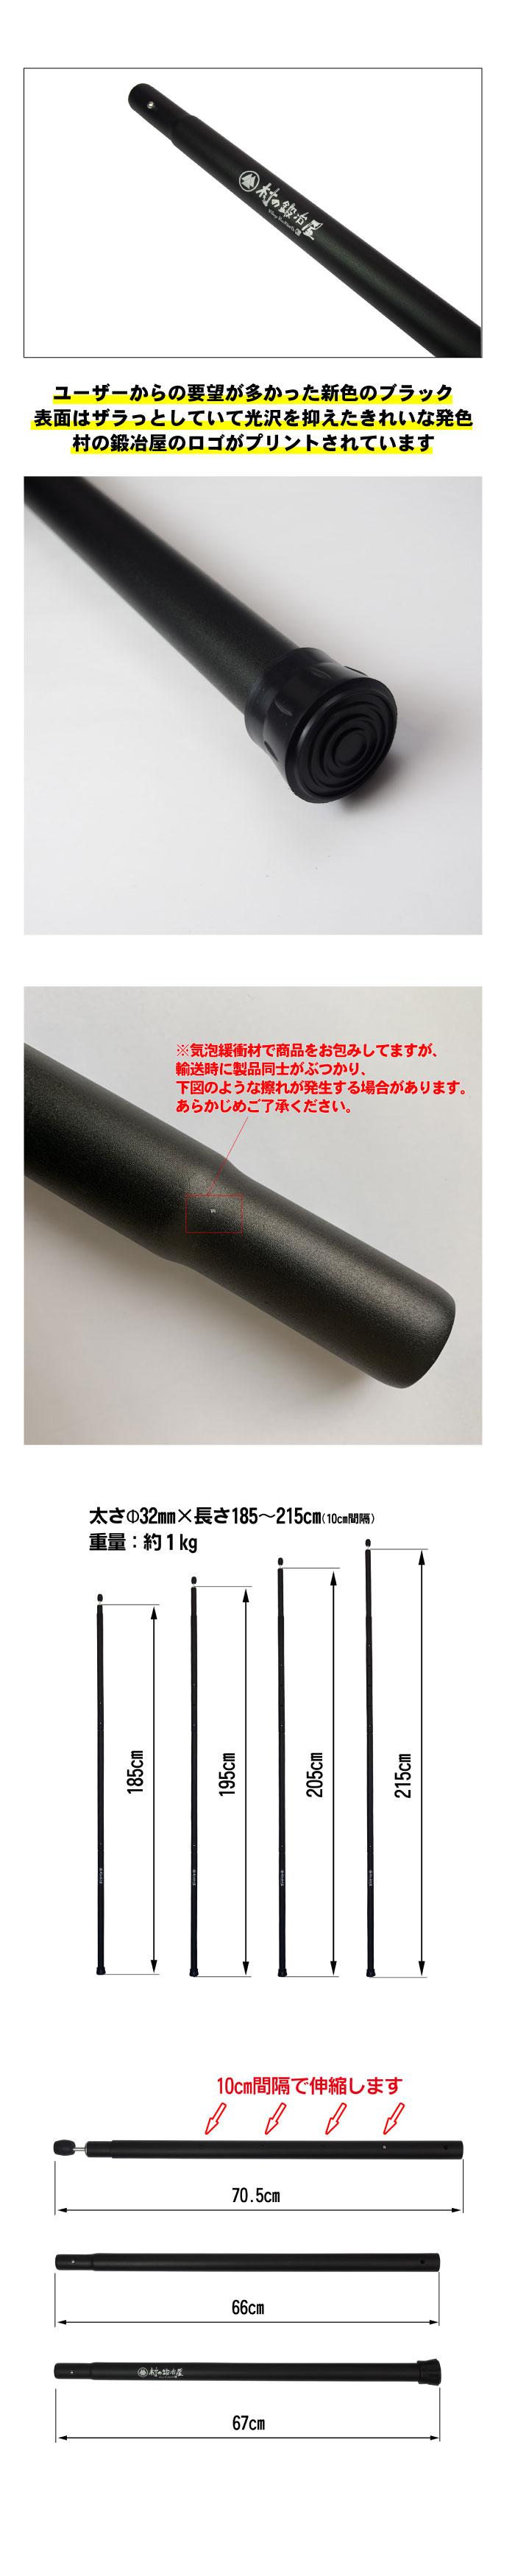 伸縮アルミタープポールブラック太さ32mm×長さ185・195・205・215cm【村の鍛冶屋】【頑張って送料無料!】